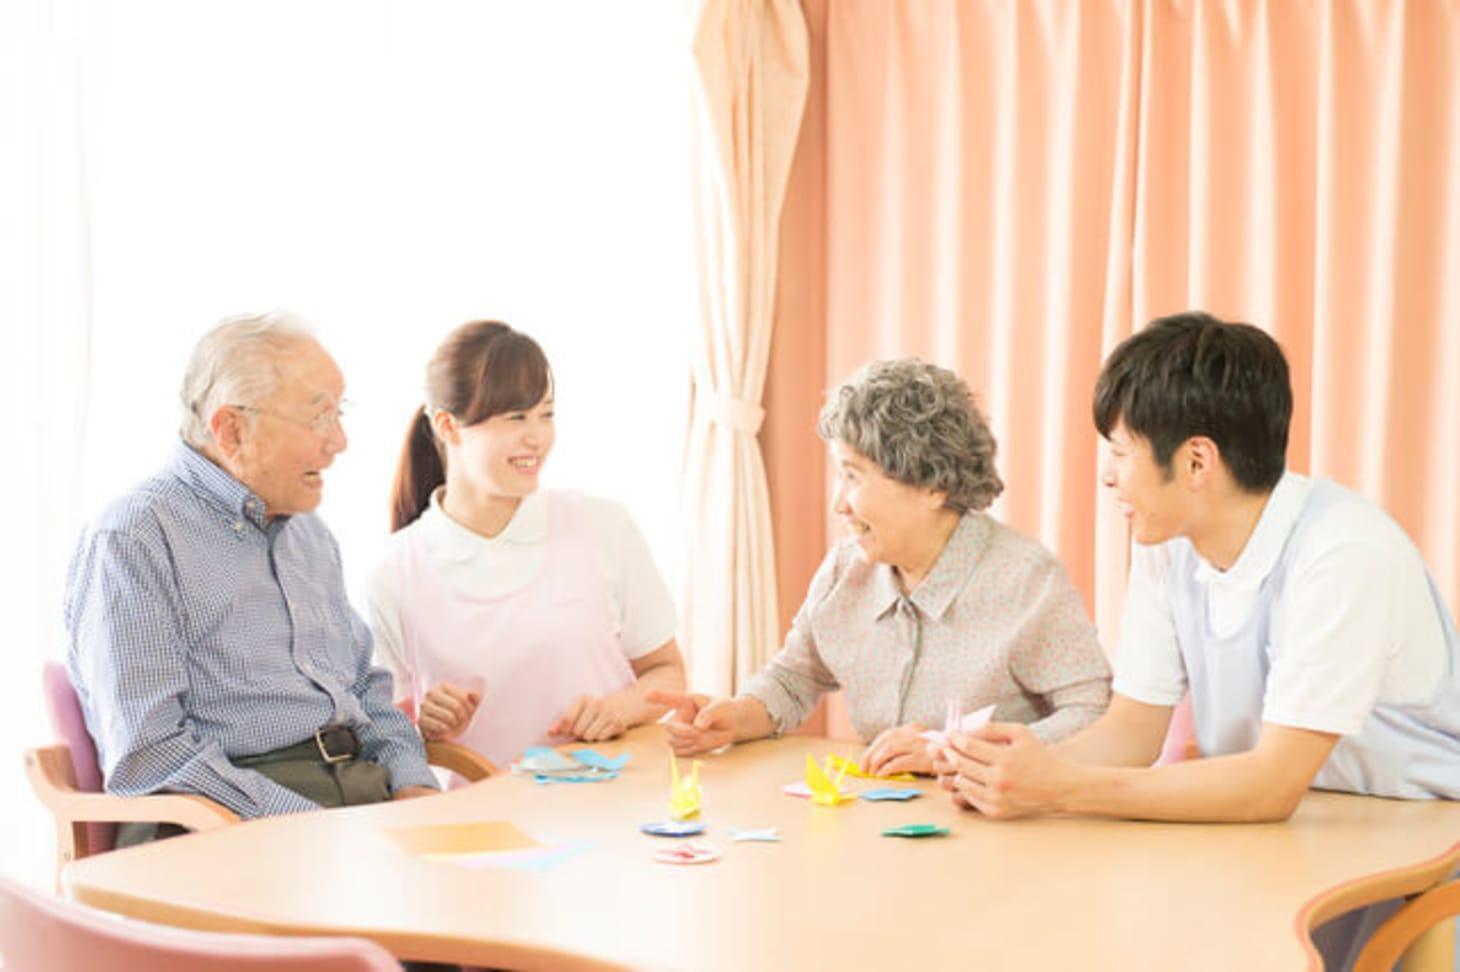 養護 老人 ホーム と は 特別